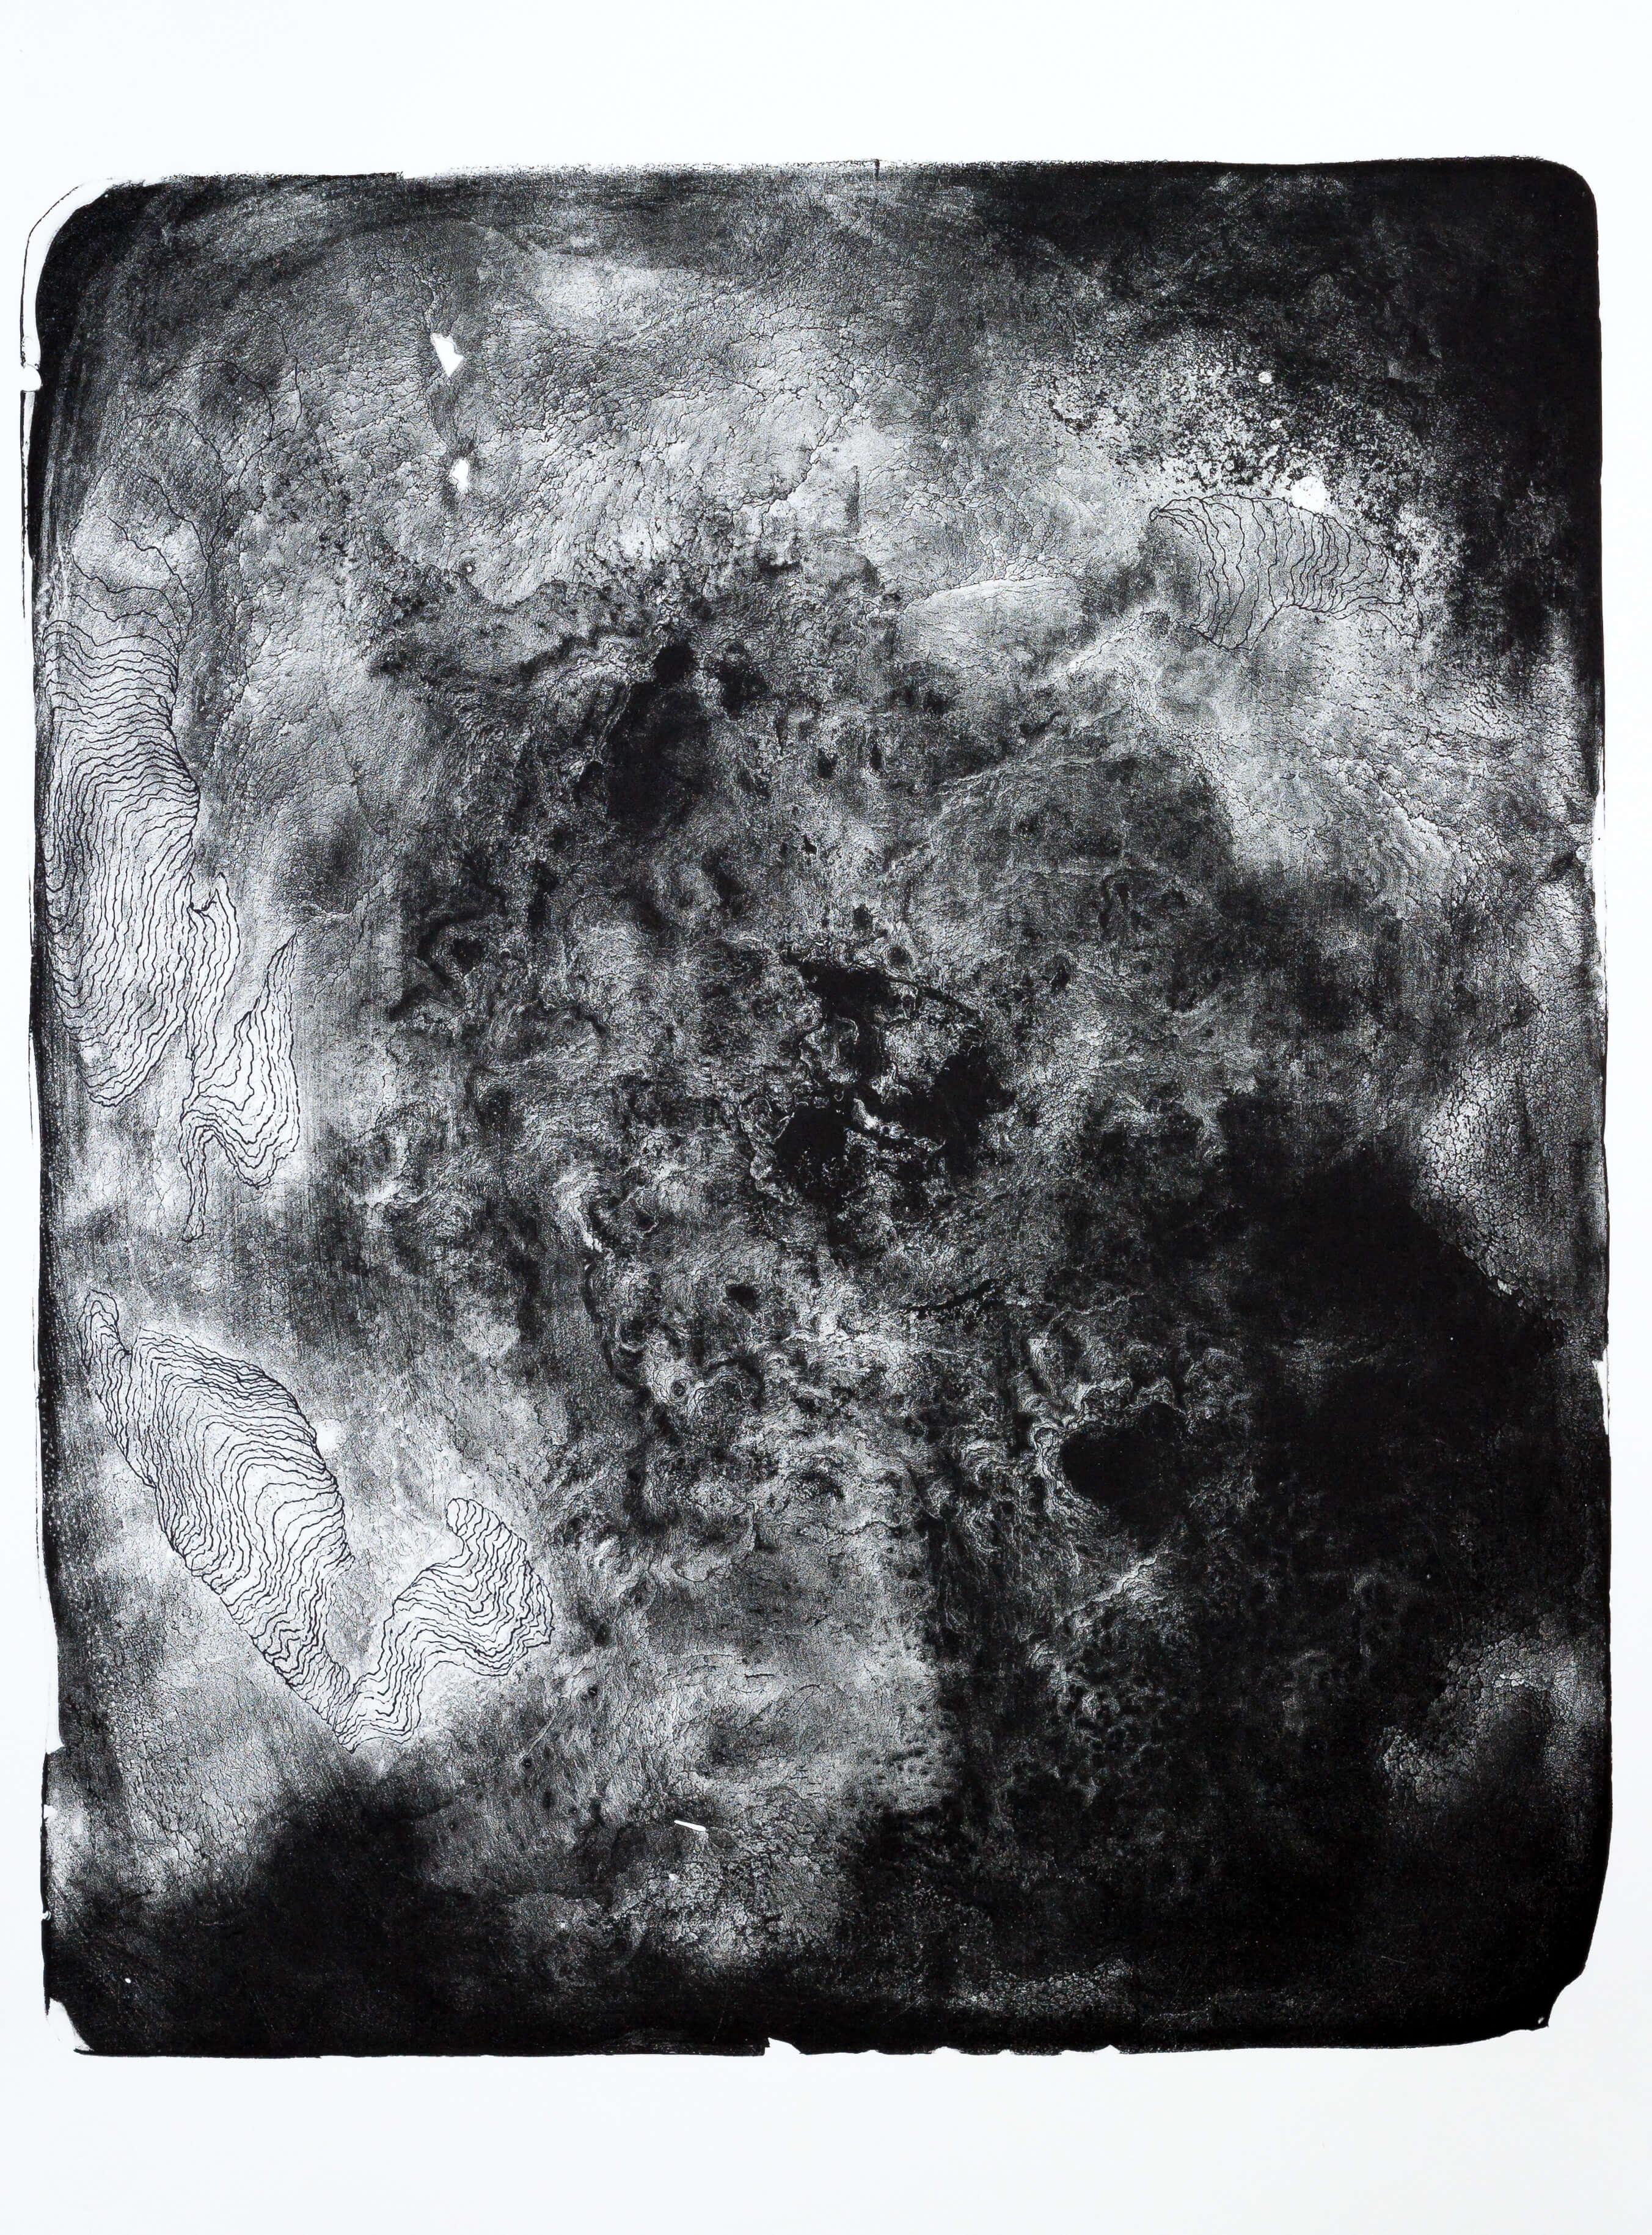 structure II, 2016, Farblithographie, Unikat, 64,5x53,5 cm (Motiv), ca. 77,5x57 cm (Papier)